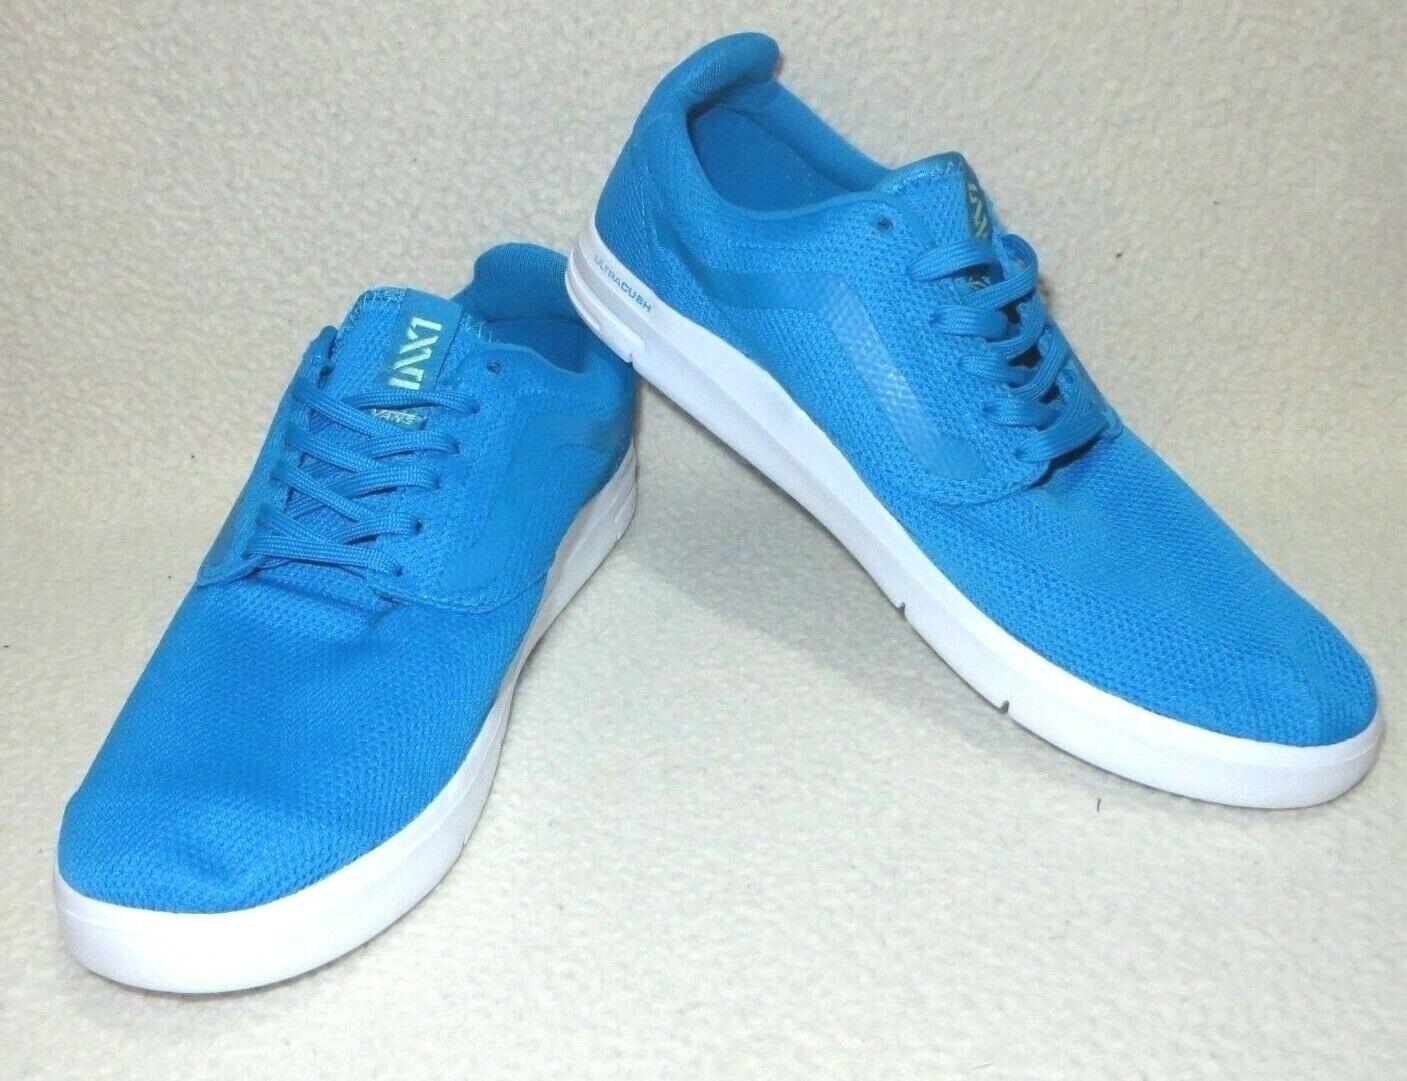 New Vans Mens LXVI LSO Mesh Athletic shoes Size US 9 EU 42 UK 8